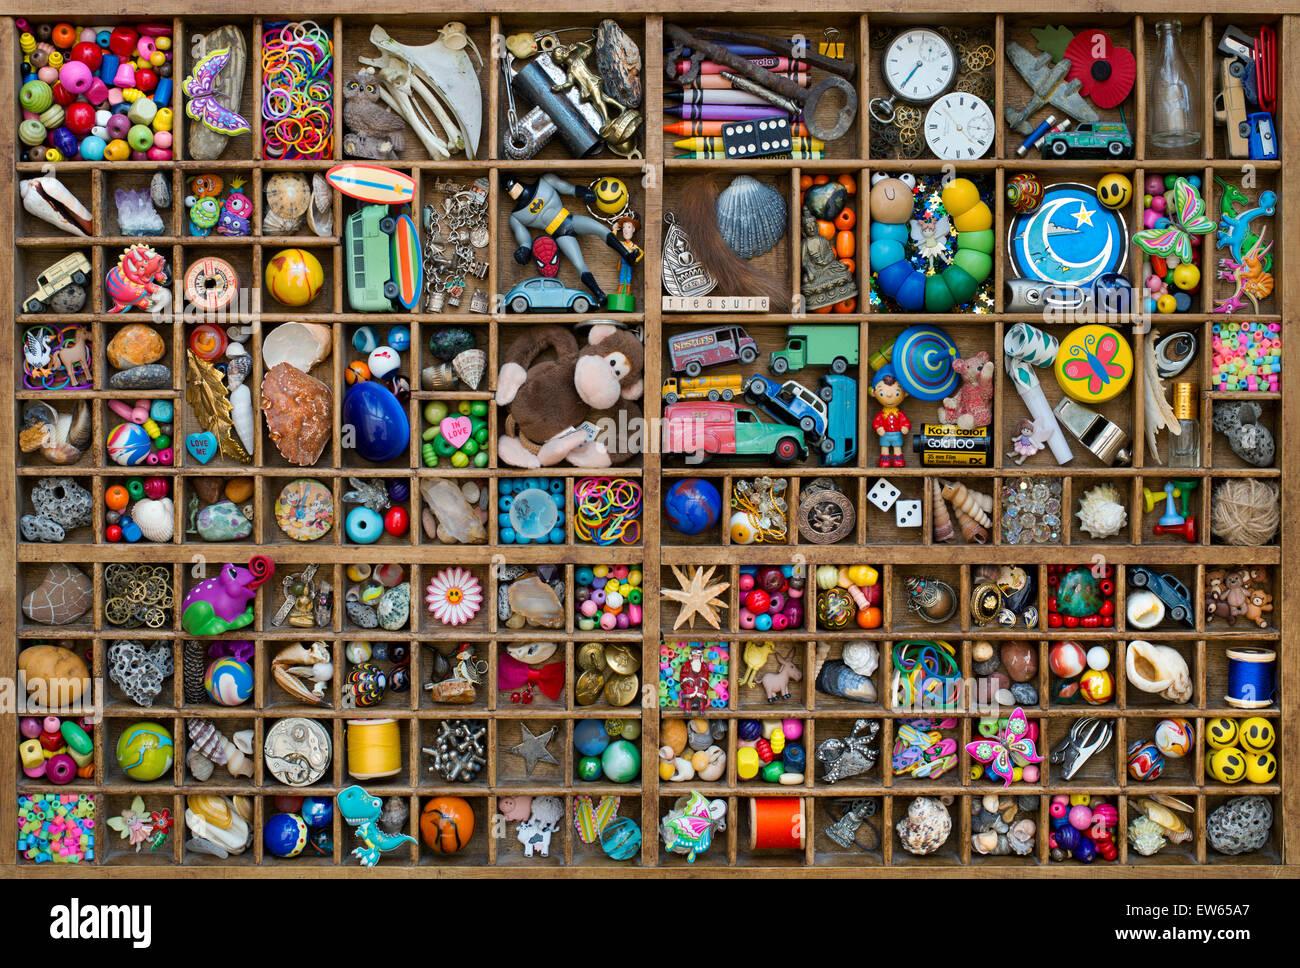 Holz- Fach der Kinder Spielzeug und eine Fundgrube für kleine Sammlerstücke Stockfoto